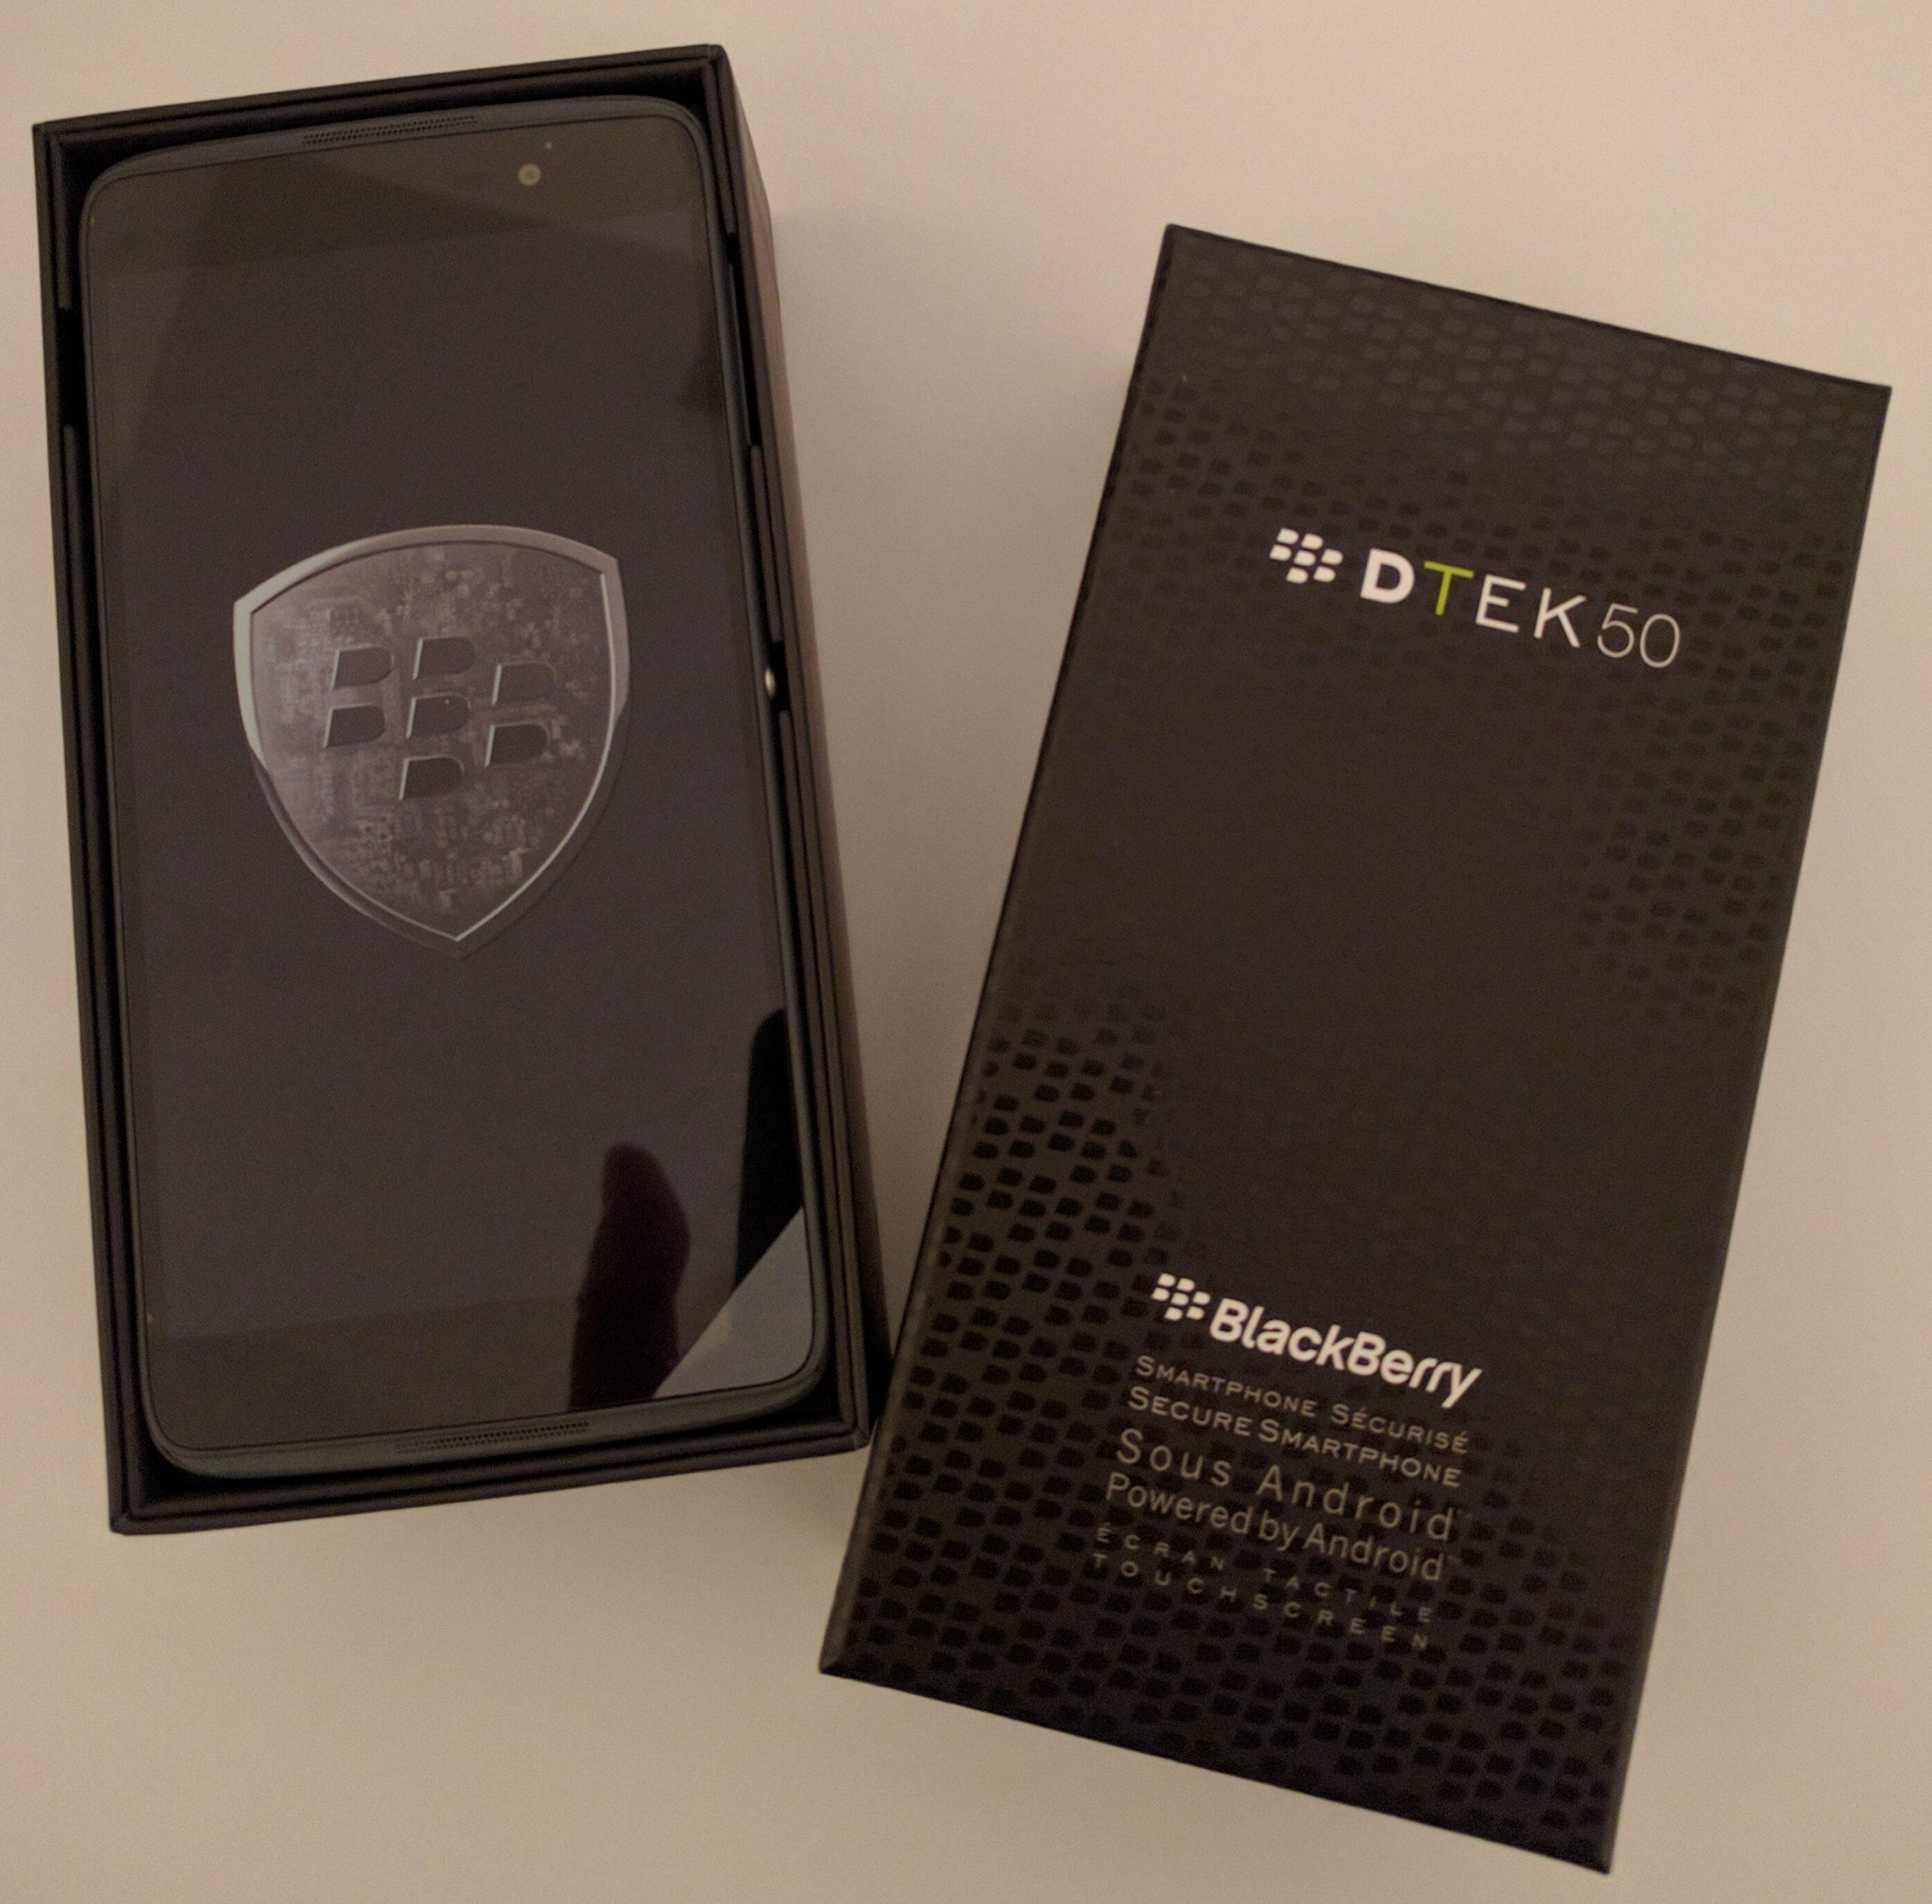 1. Unpacking the new BlackBerry DTEK 50